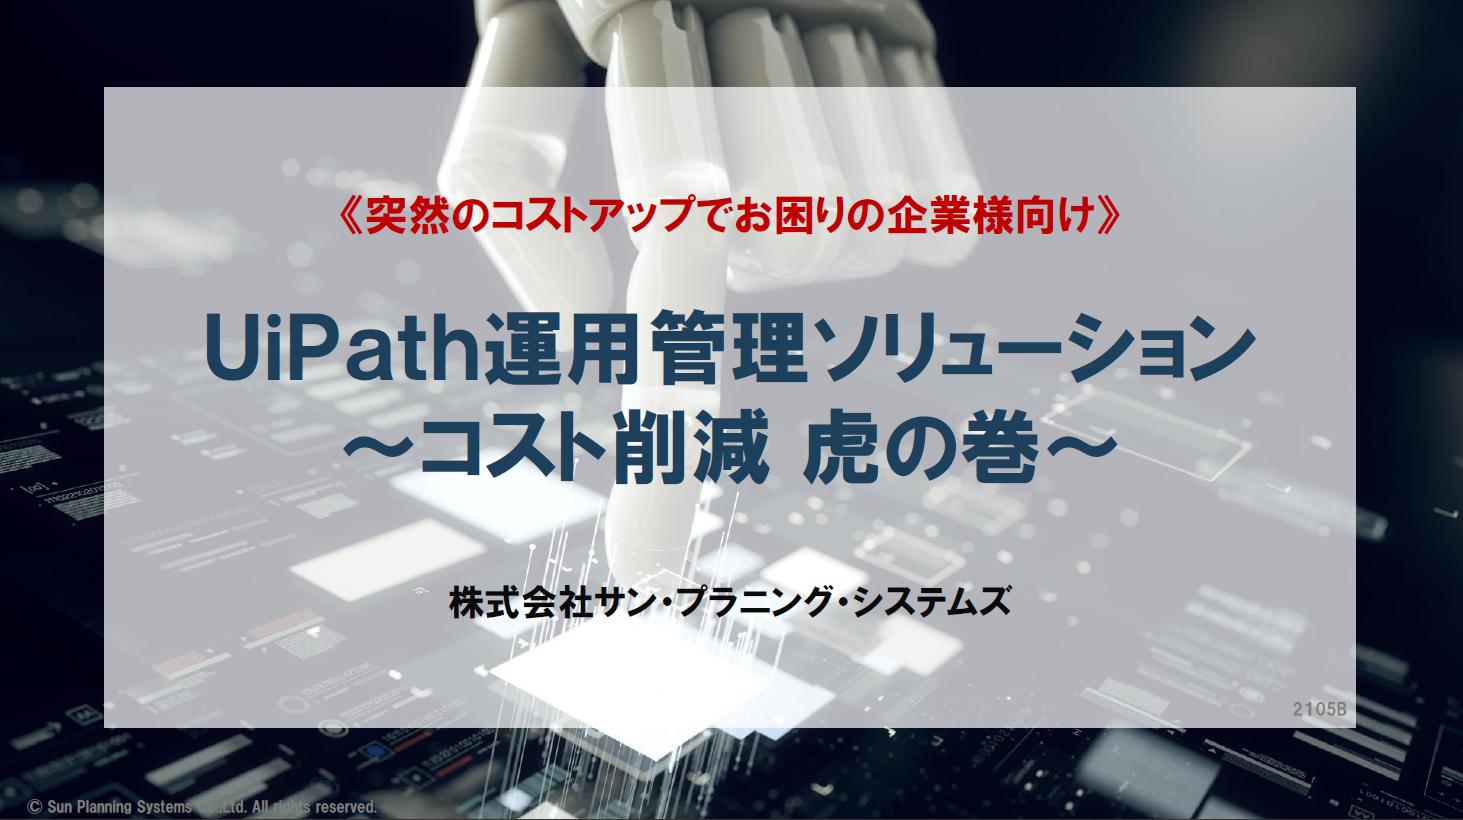 【資料ダウンロード】UiPath運用管理ソリューション-コスト削減虎の巻